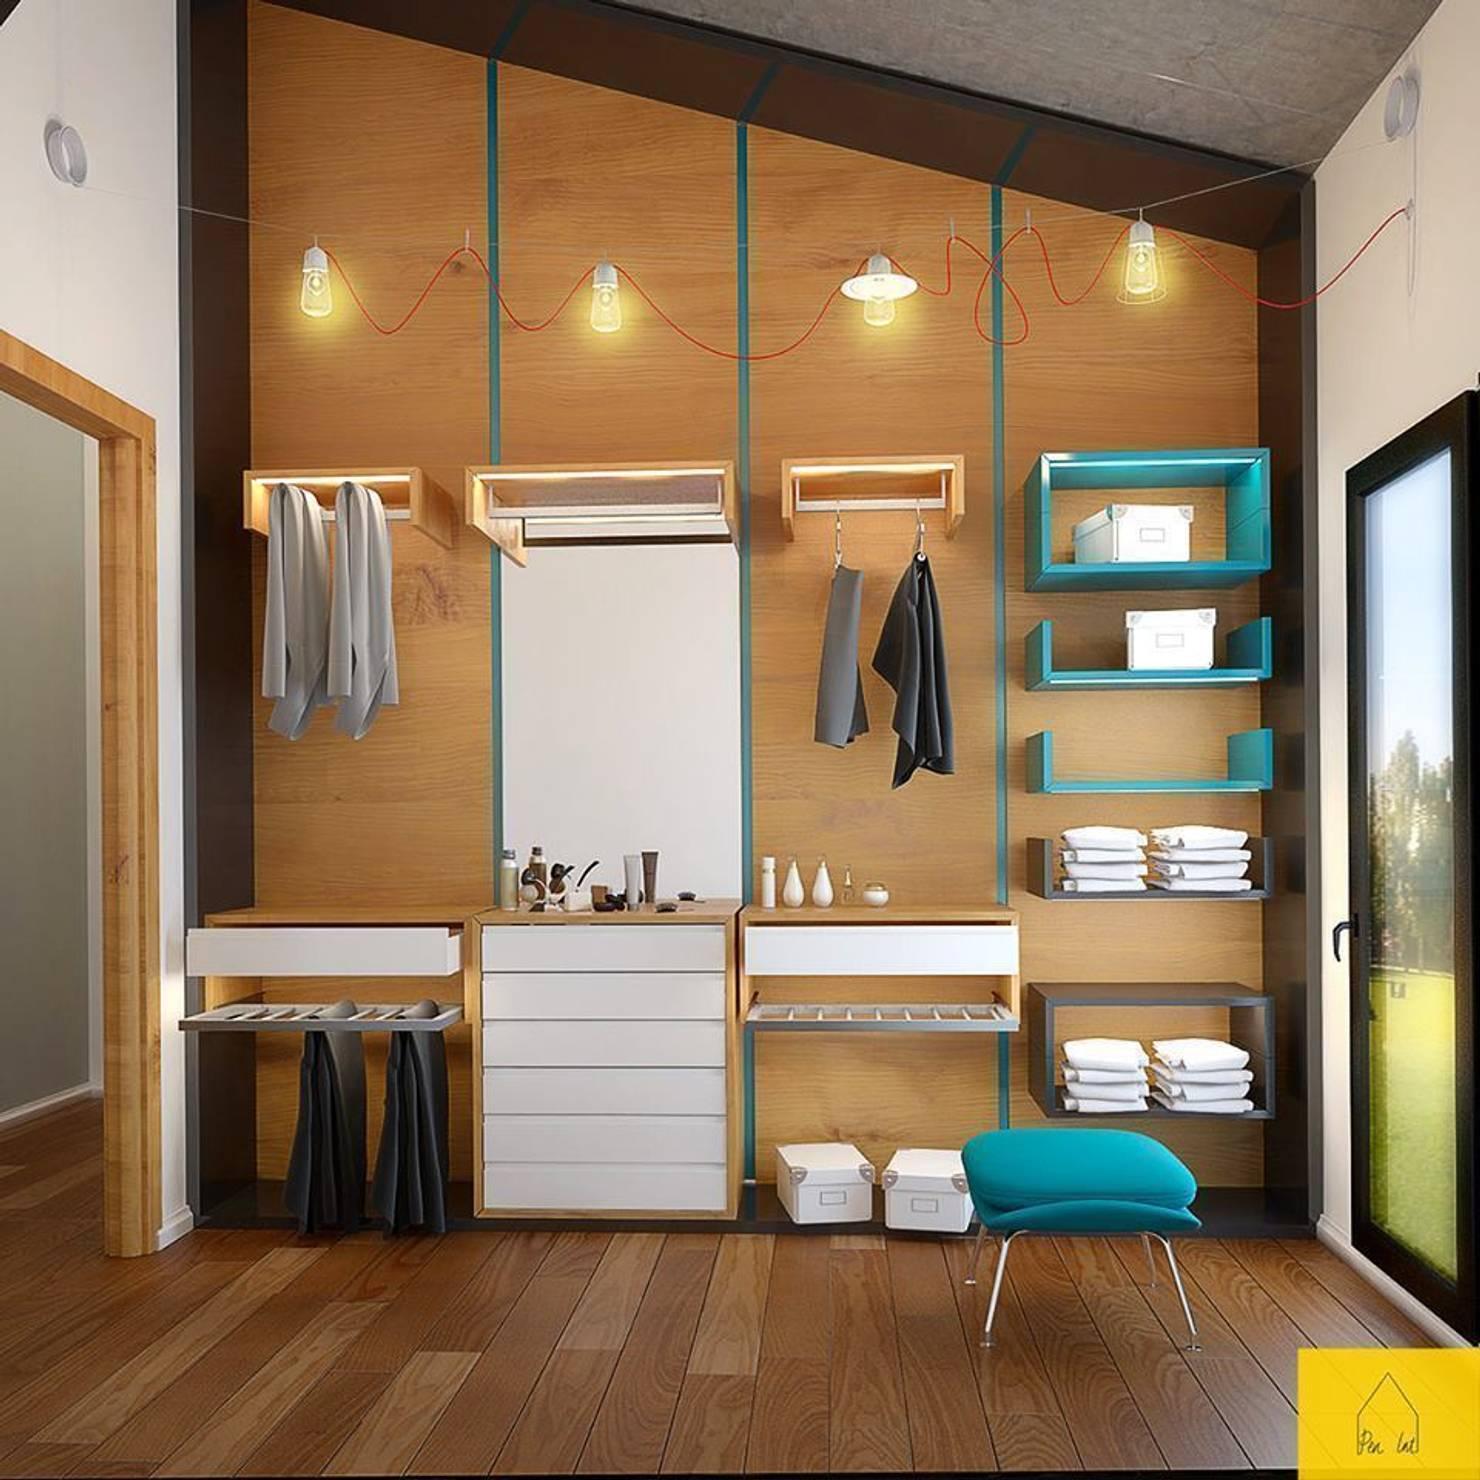 10 ideas geniales para guardar tu ropa, si te falta espacio…